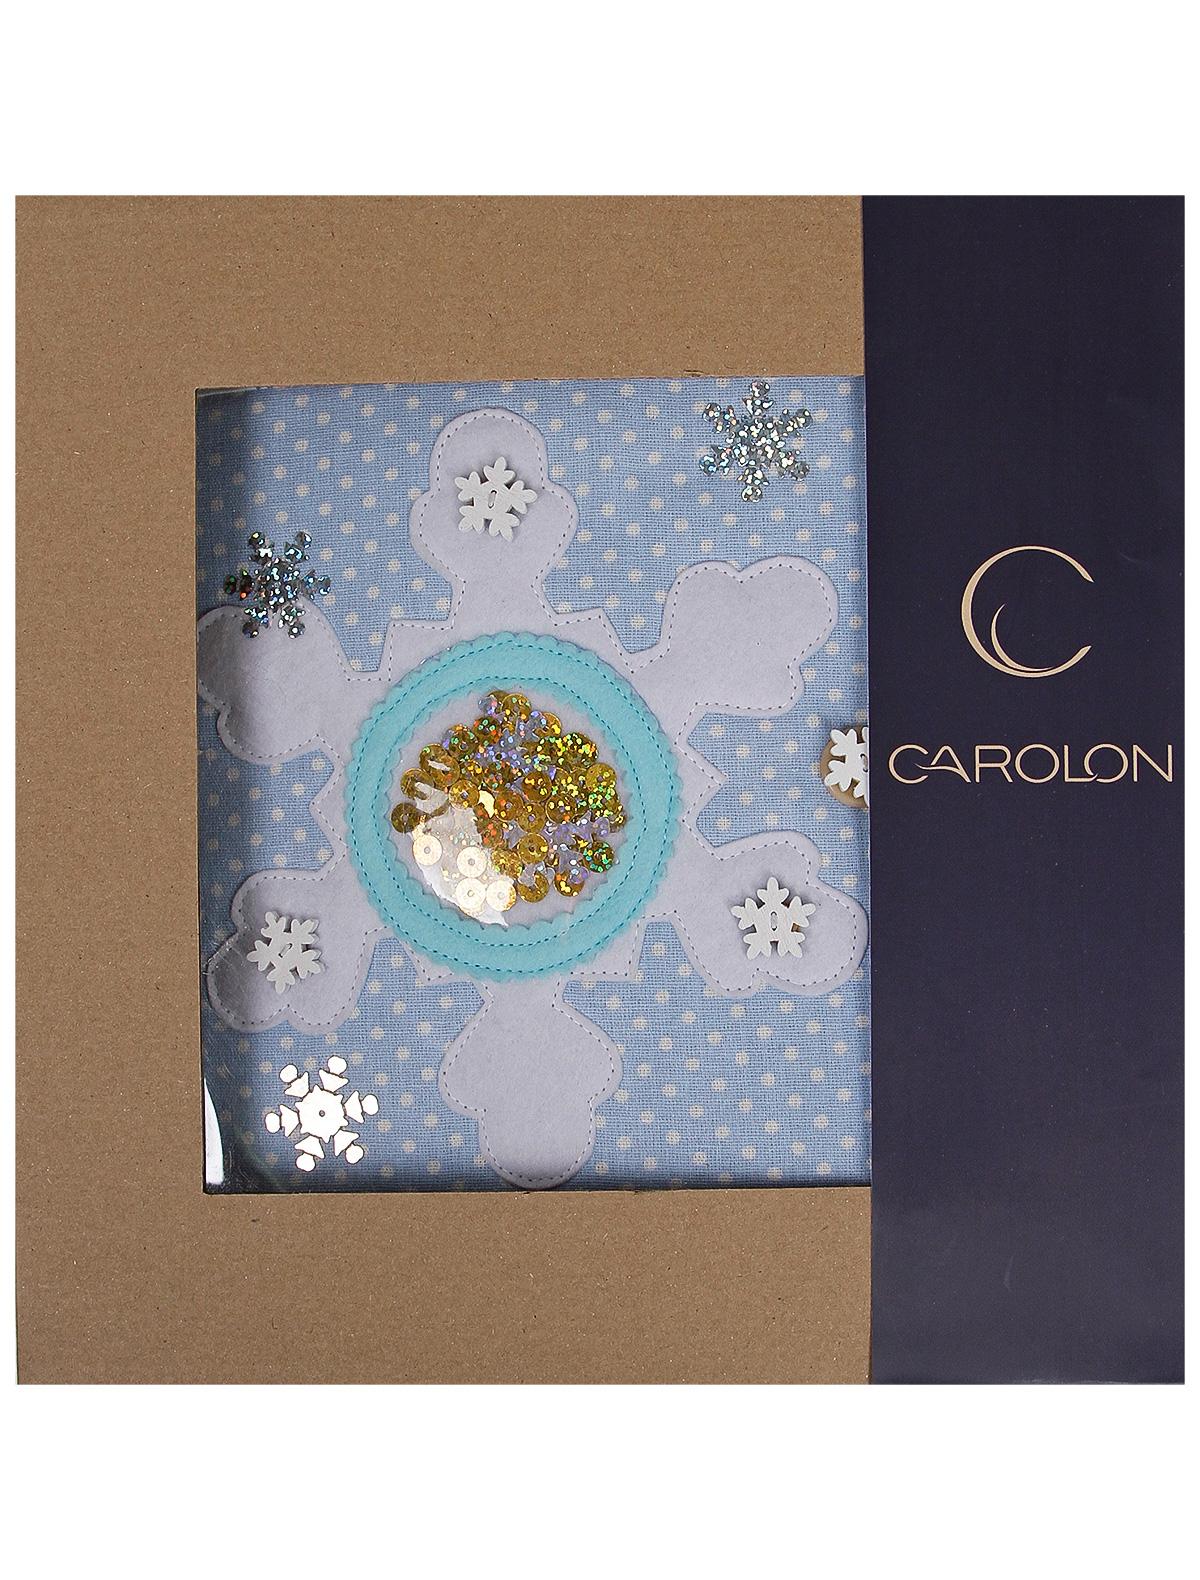 Купить 2146972, Игрушка Carolon, разноцветный, 7132520980586